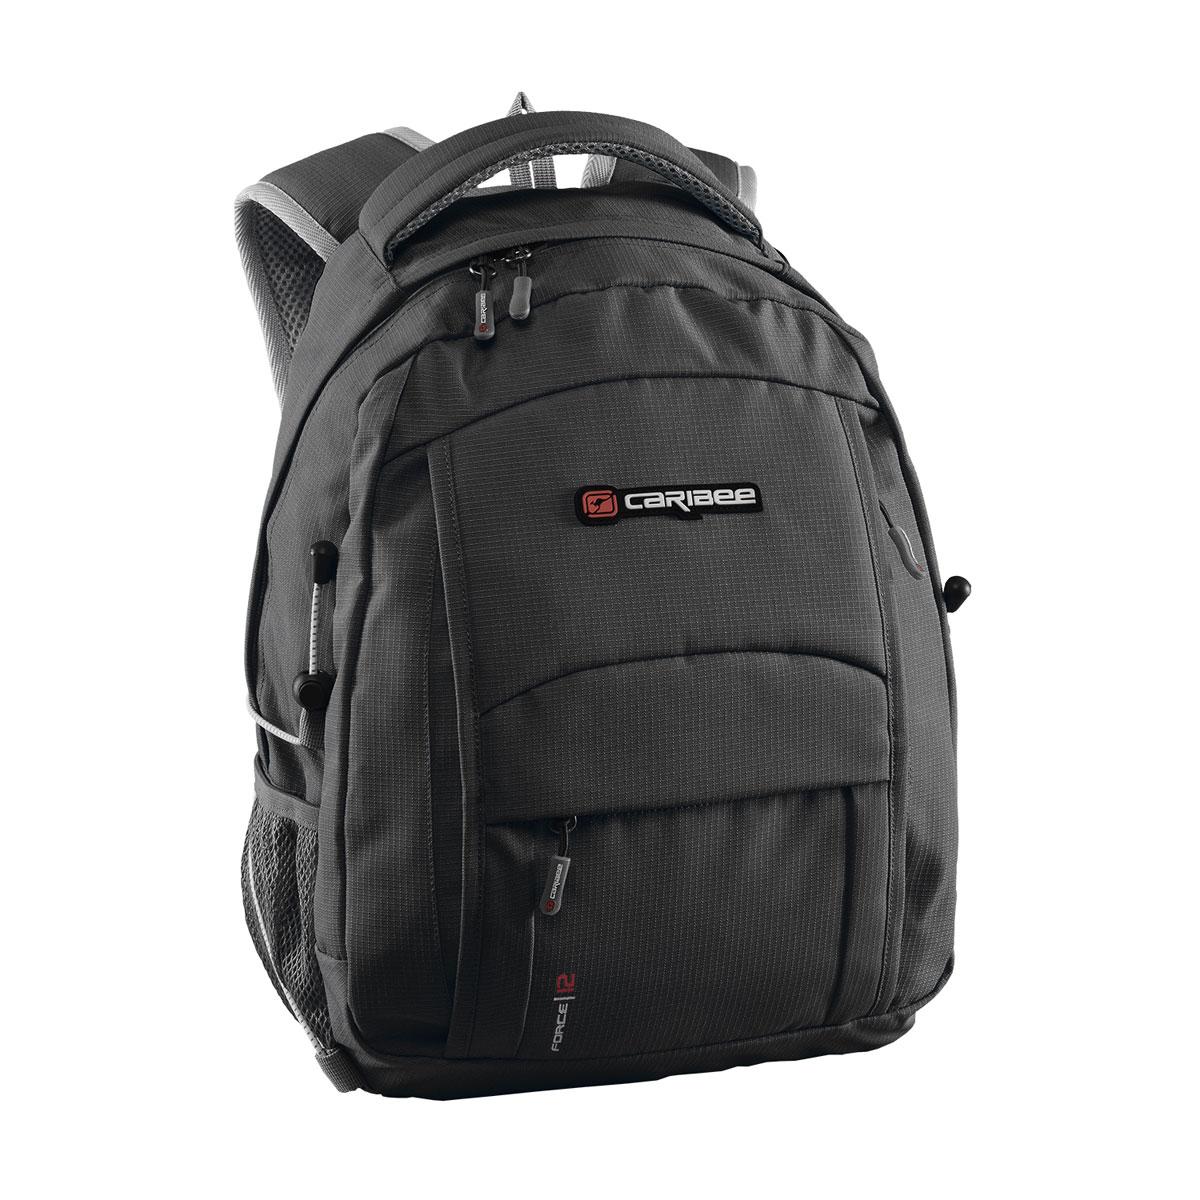 Рюкзак городской Caribee Force, цвет: черный, 12 л6100Многофункциональный рюкзак, отличающийся высоким качеством и практичностью. Мягкая спинка и лямки, покрытие сетчатой тканью, пропускающей воздух. Фронтальные карманы на молнии для мелких предметов. Встроенный органайзер. Сетчатые боковые карманы для бутылок с водой. Защита молний от влаги. Удобная ручка для переноски. Неотъемлемая часть молодежных рюкзаков -отделение для плеера с cord-портом. Совместимость с питьевой системой позволяет значительно облегчить жизнь туристам и спортсменам, которые могут пить воду посредством длинной силиконовой трубки, не занимая рук флягами и бутылками. Объем: 12 л Размер: 36*25*16 см